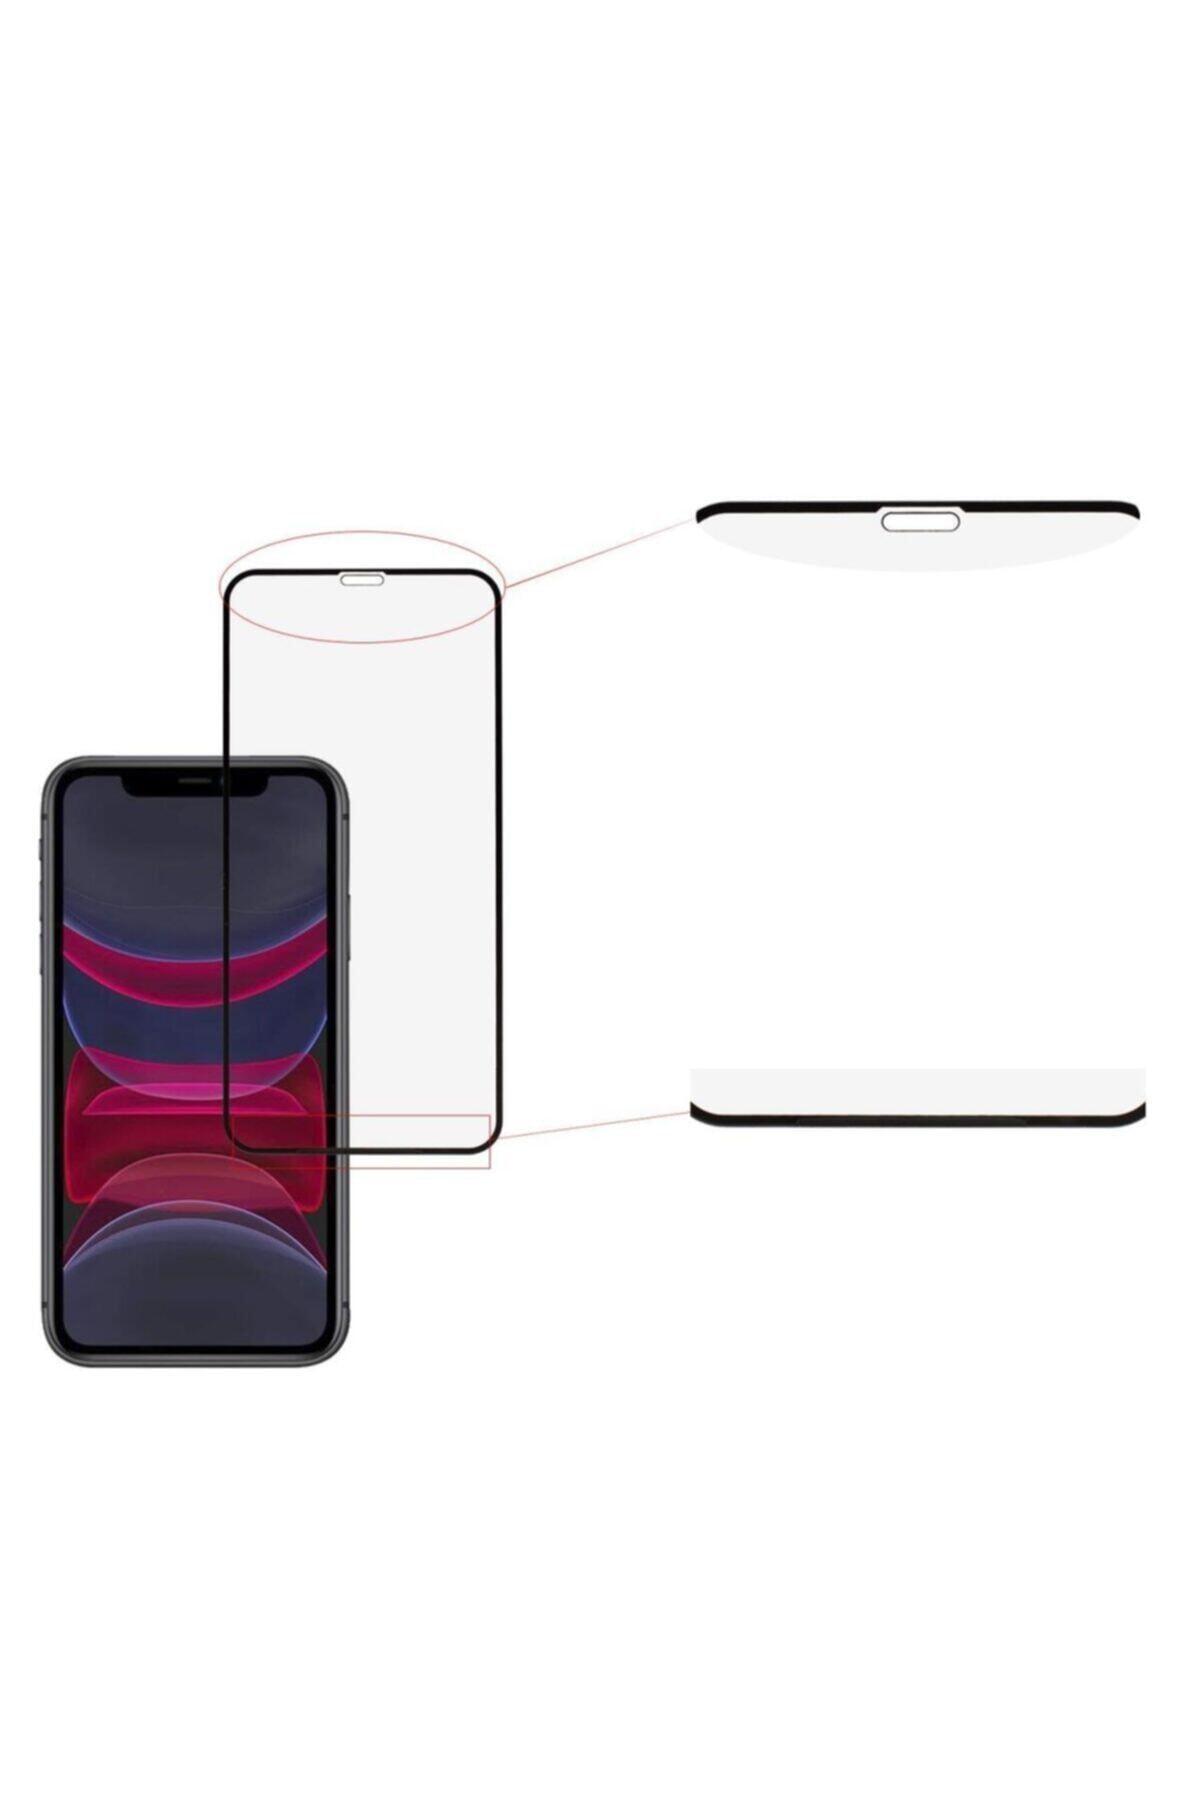 EPRO Siyah Iphone 11 Uyumlu Seramik Nano Ekran Koruyucu Tam Kaplayan Kırılmaz Esnek Cam 2